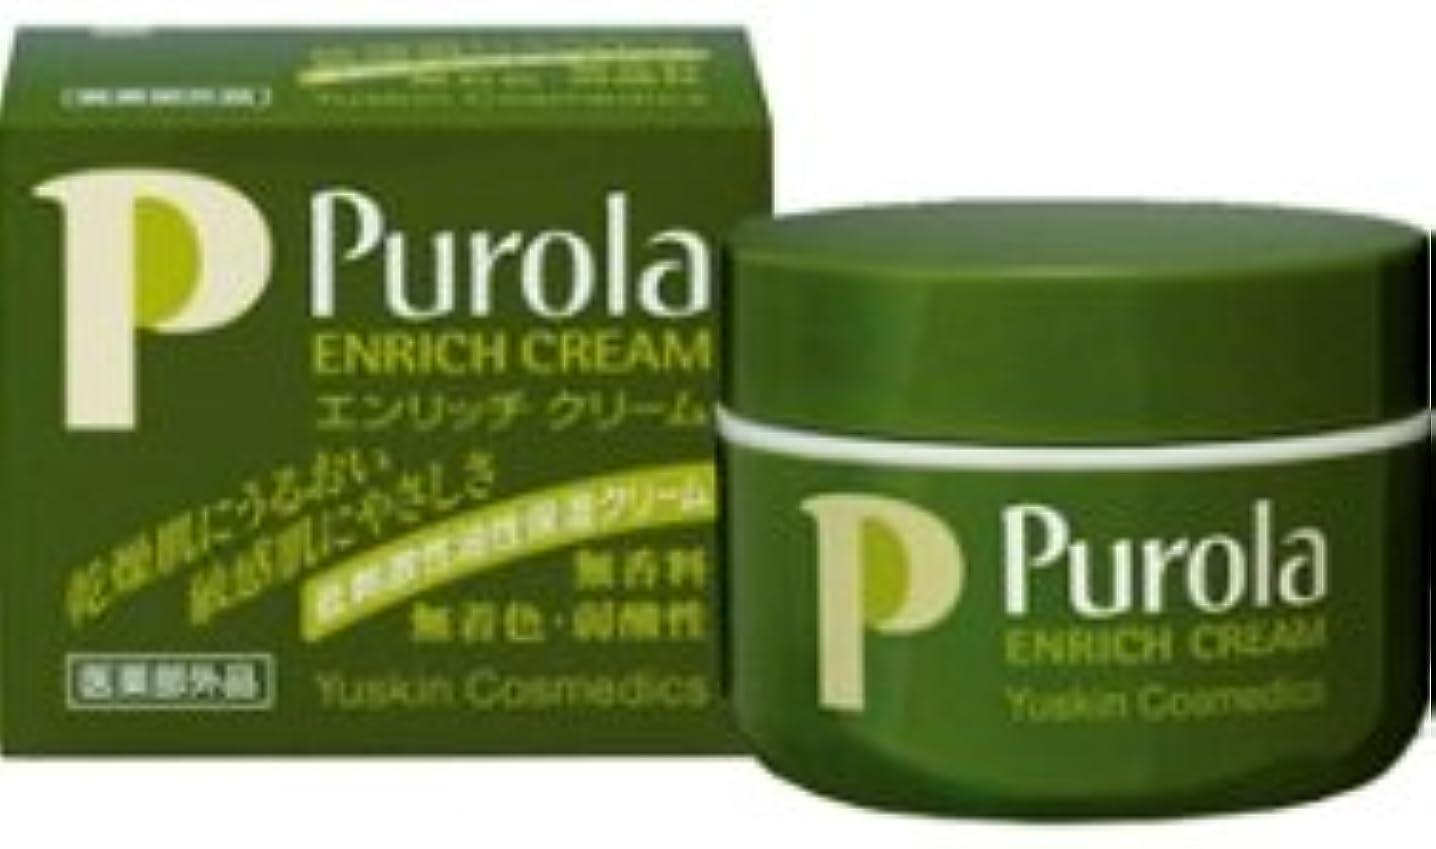 流産ポーチ心理的ユースキン プローラ薬用エンリッチクリーム[低刺激性油性保湿クリーム] 67g 2個